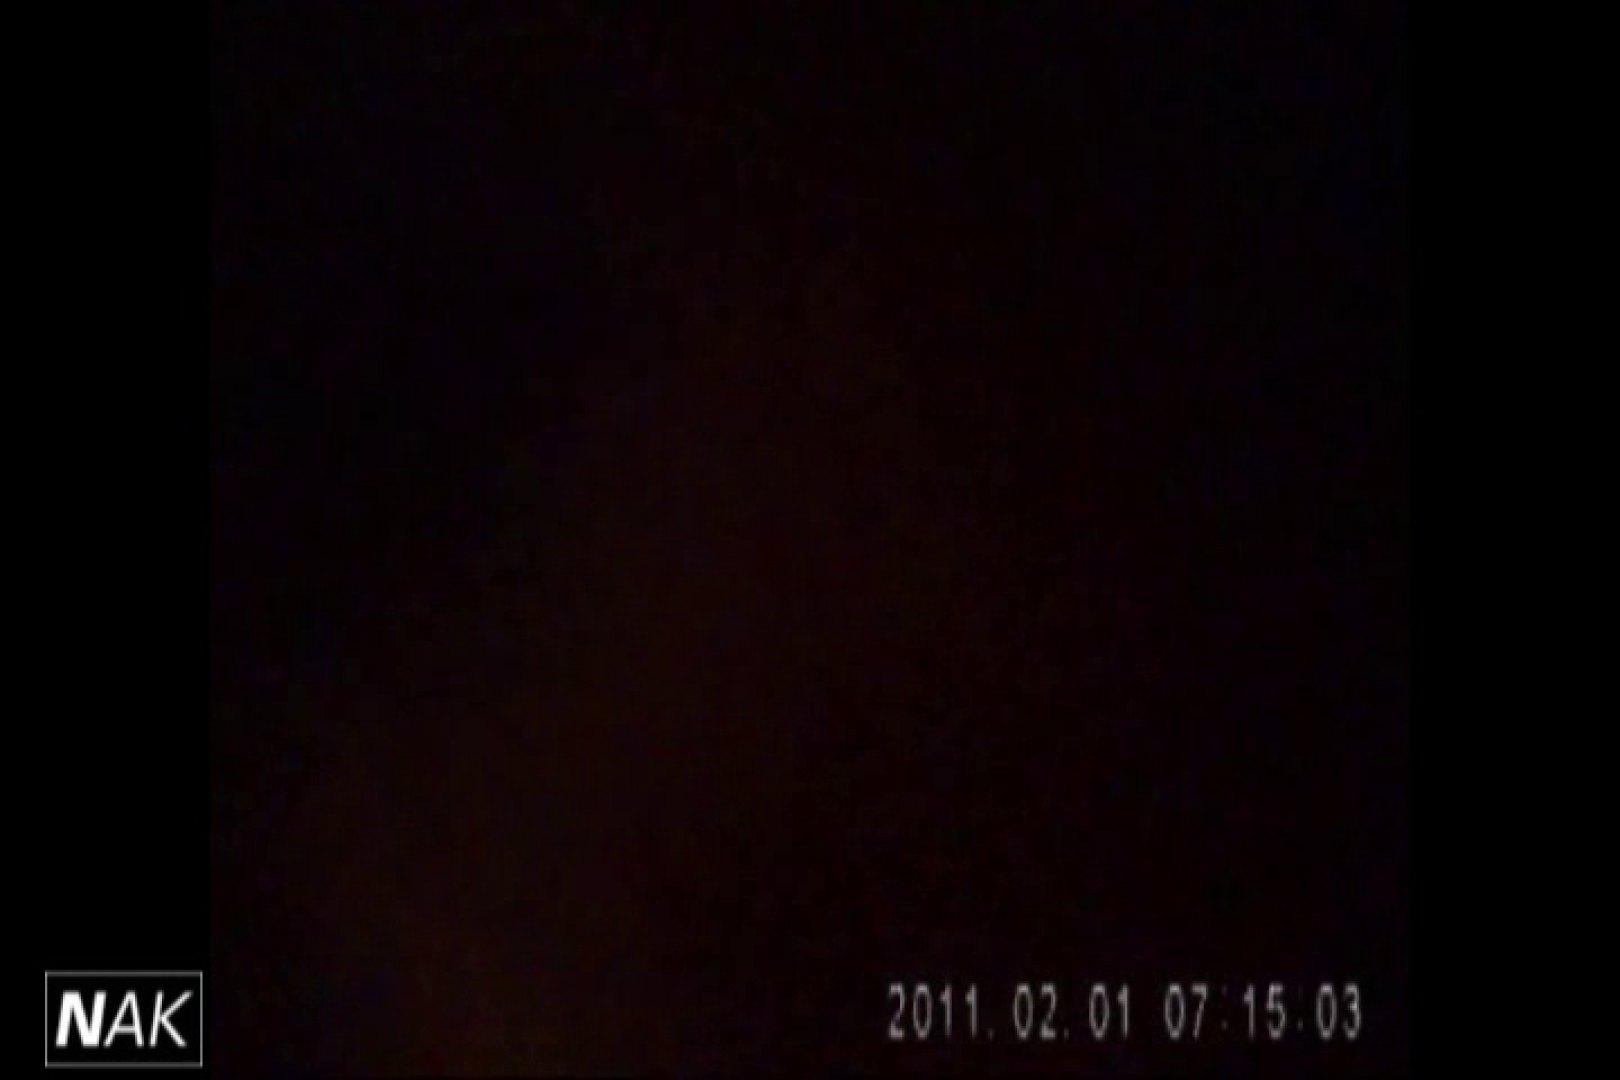 せん八さんの厠観察日記!2点監視カメラ 高画質5000K vol.19 高画質 盗撮ヌード画像 61画像 14